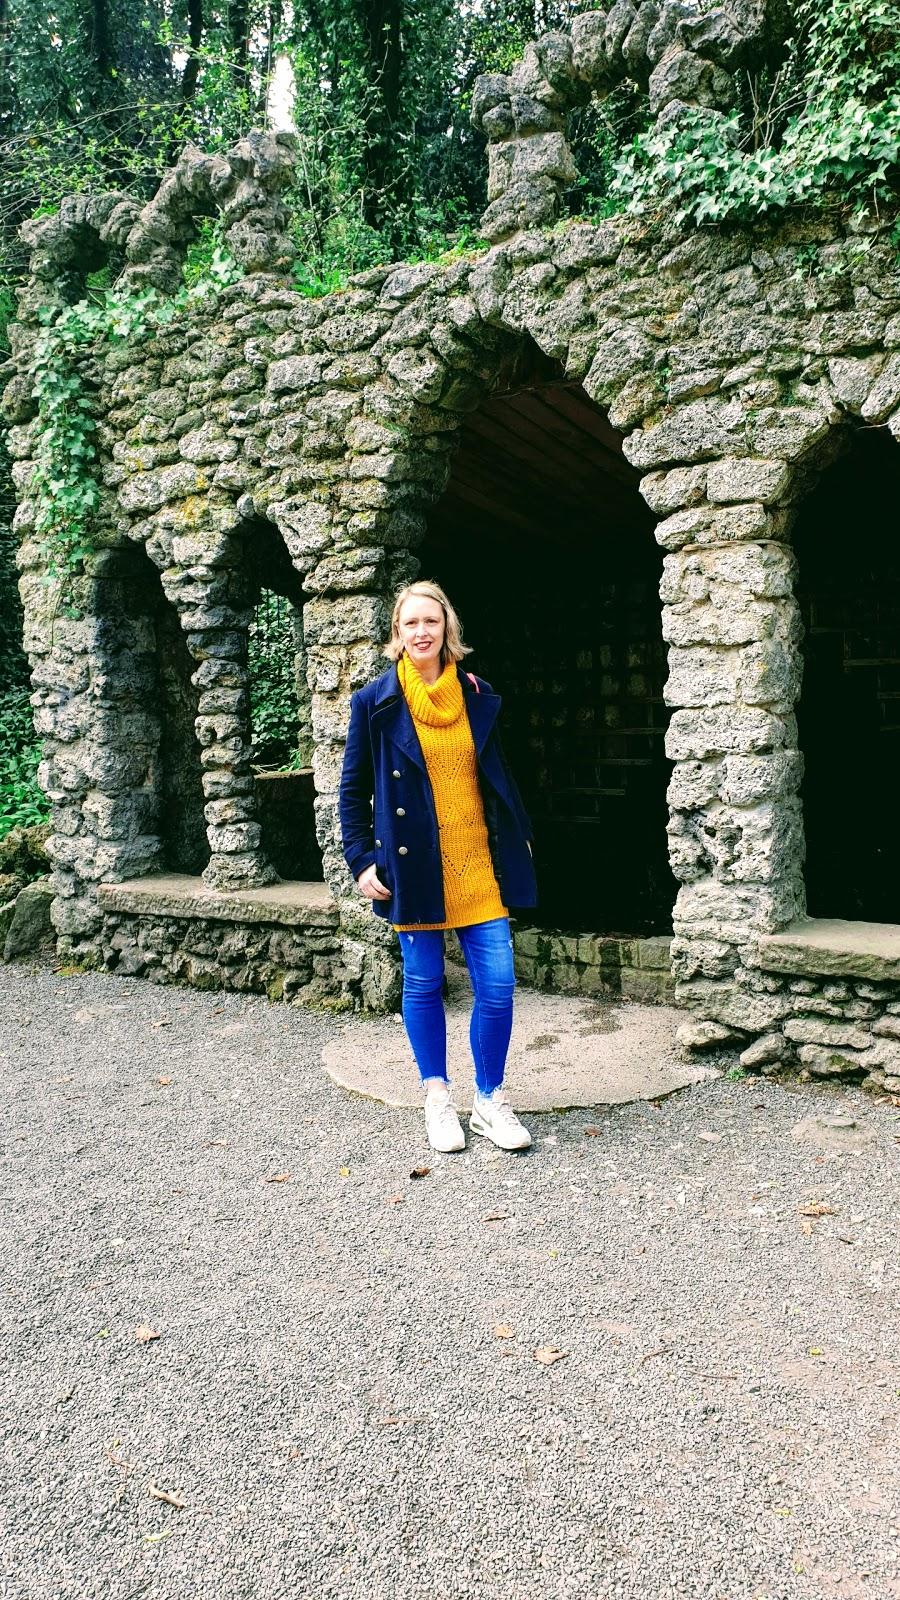 A Walk Around Matlock Baths: Weekend Link Up